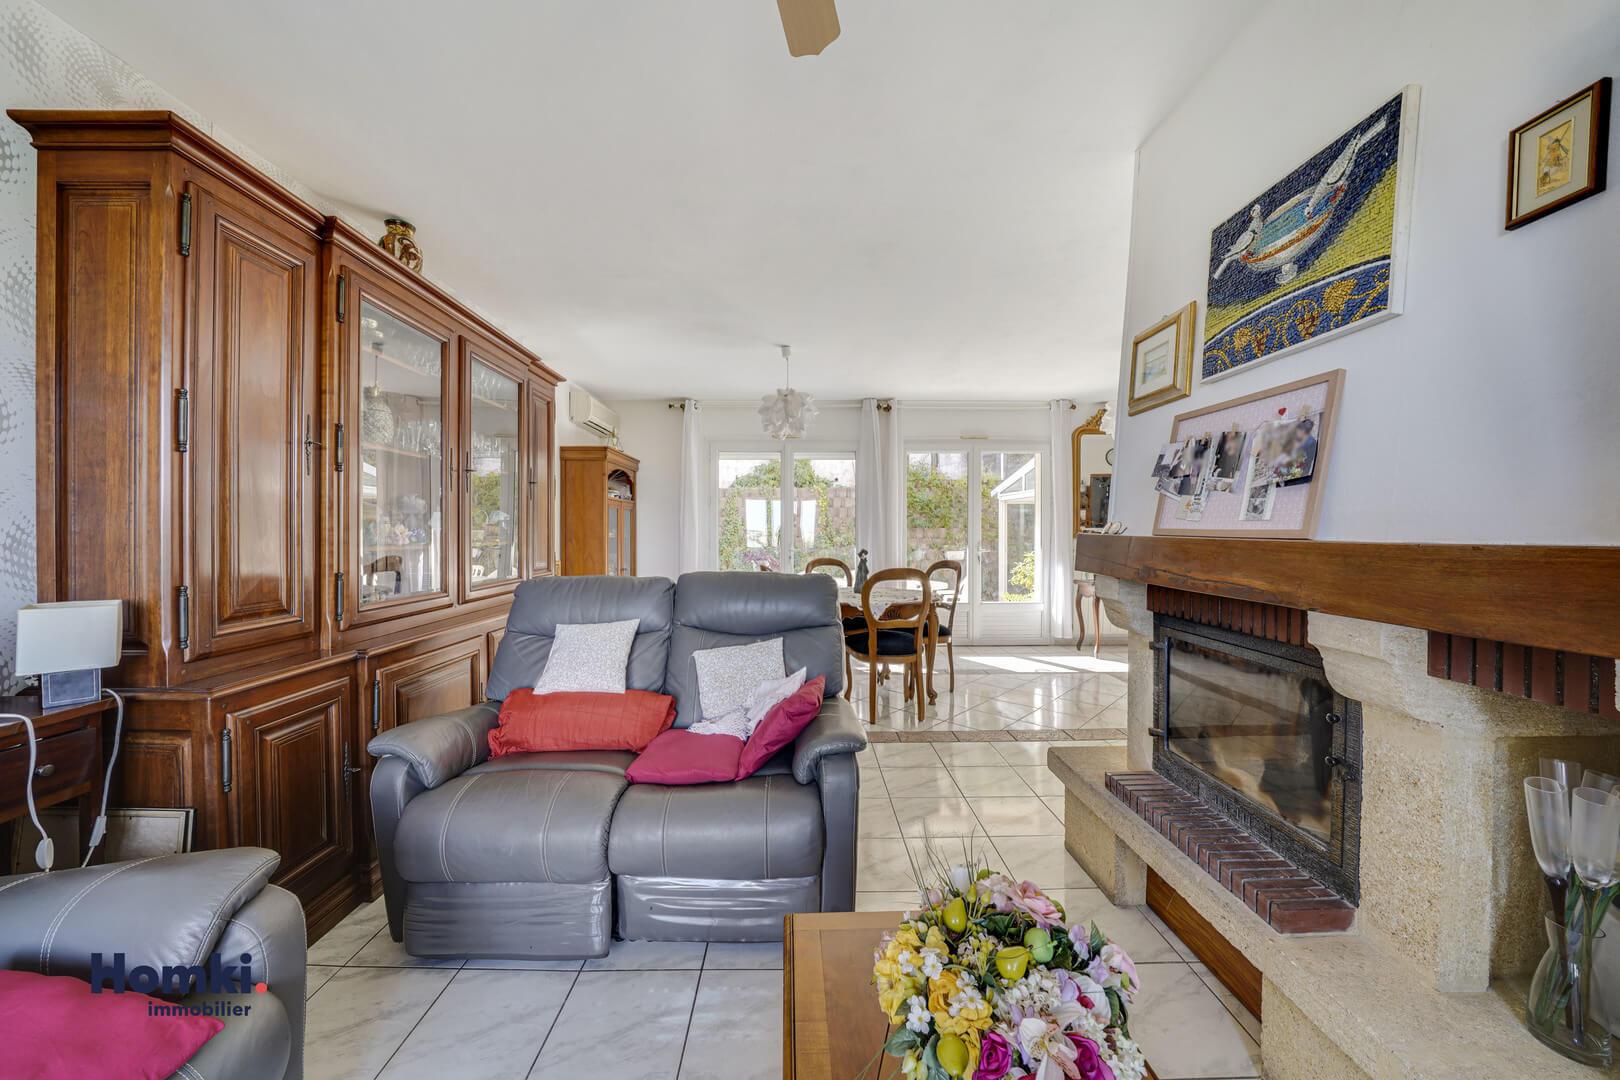 Vente Maison 105 m² T6 13011 Marseille_6